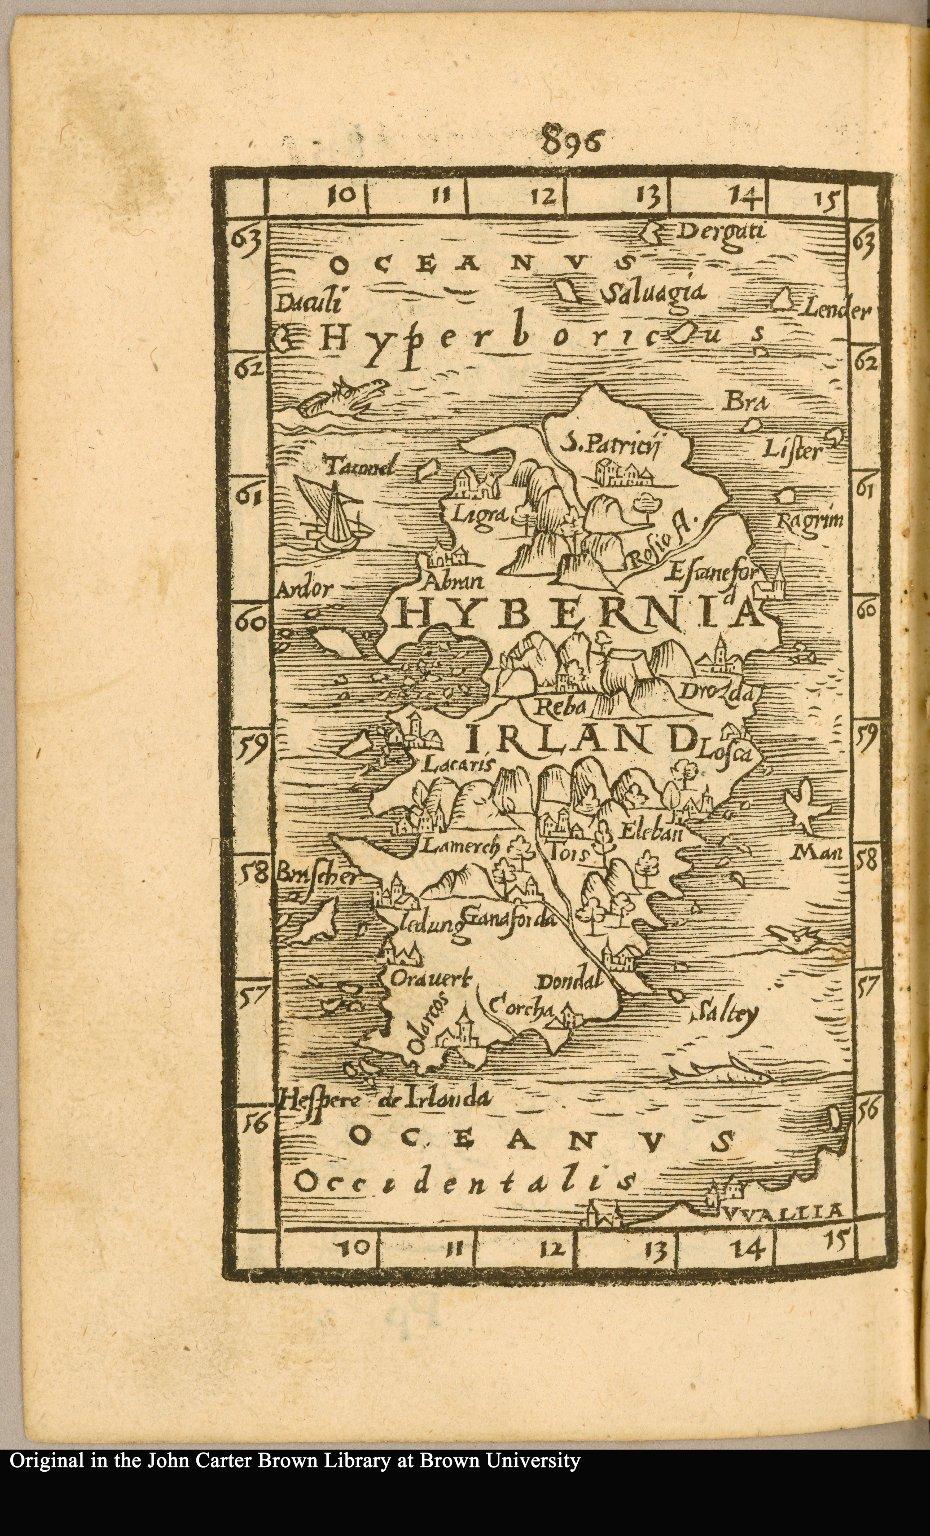 [Ireland] Hibernia [title on verso]